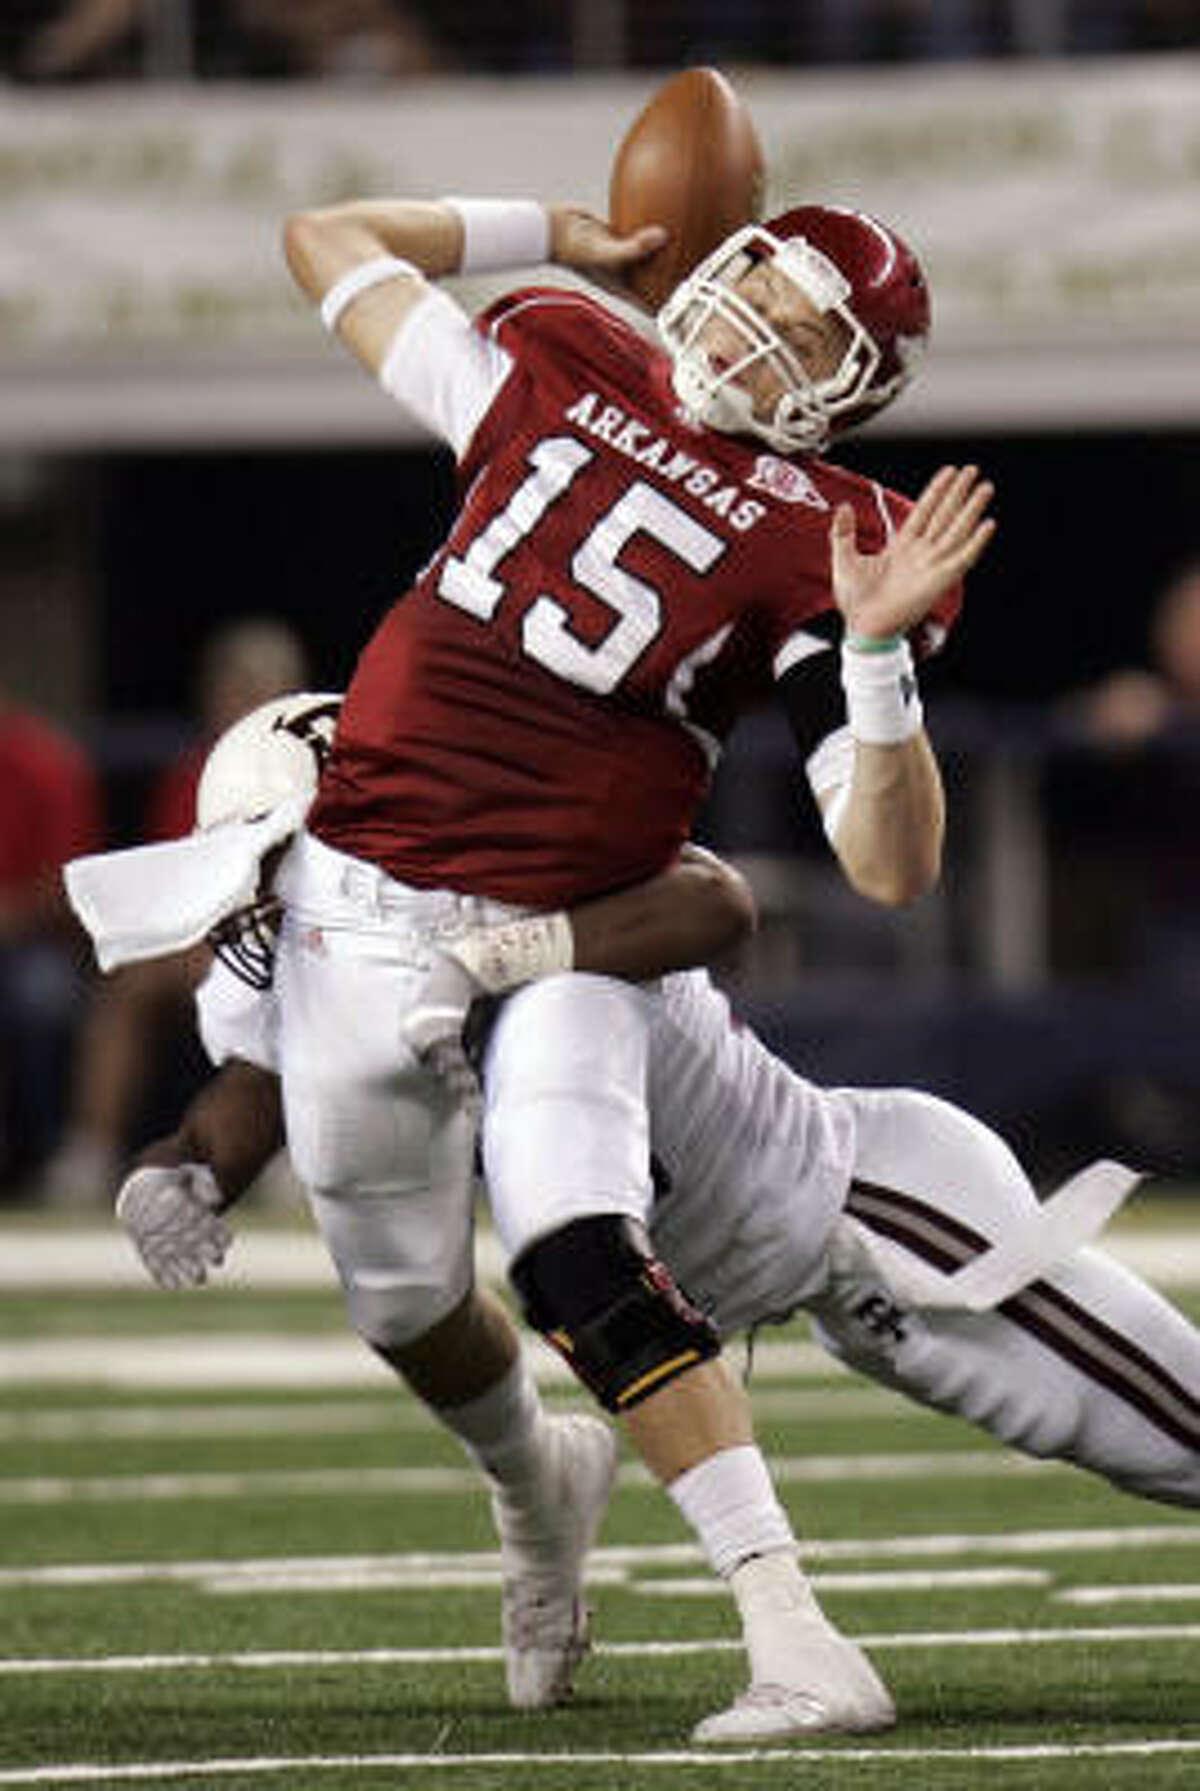 Arkansas' Ryan Mallett is hit by Texas A&M's Von Miller during the second quarter.